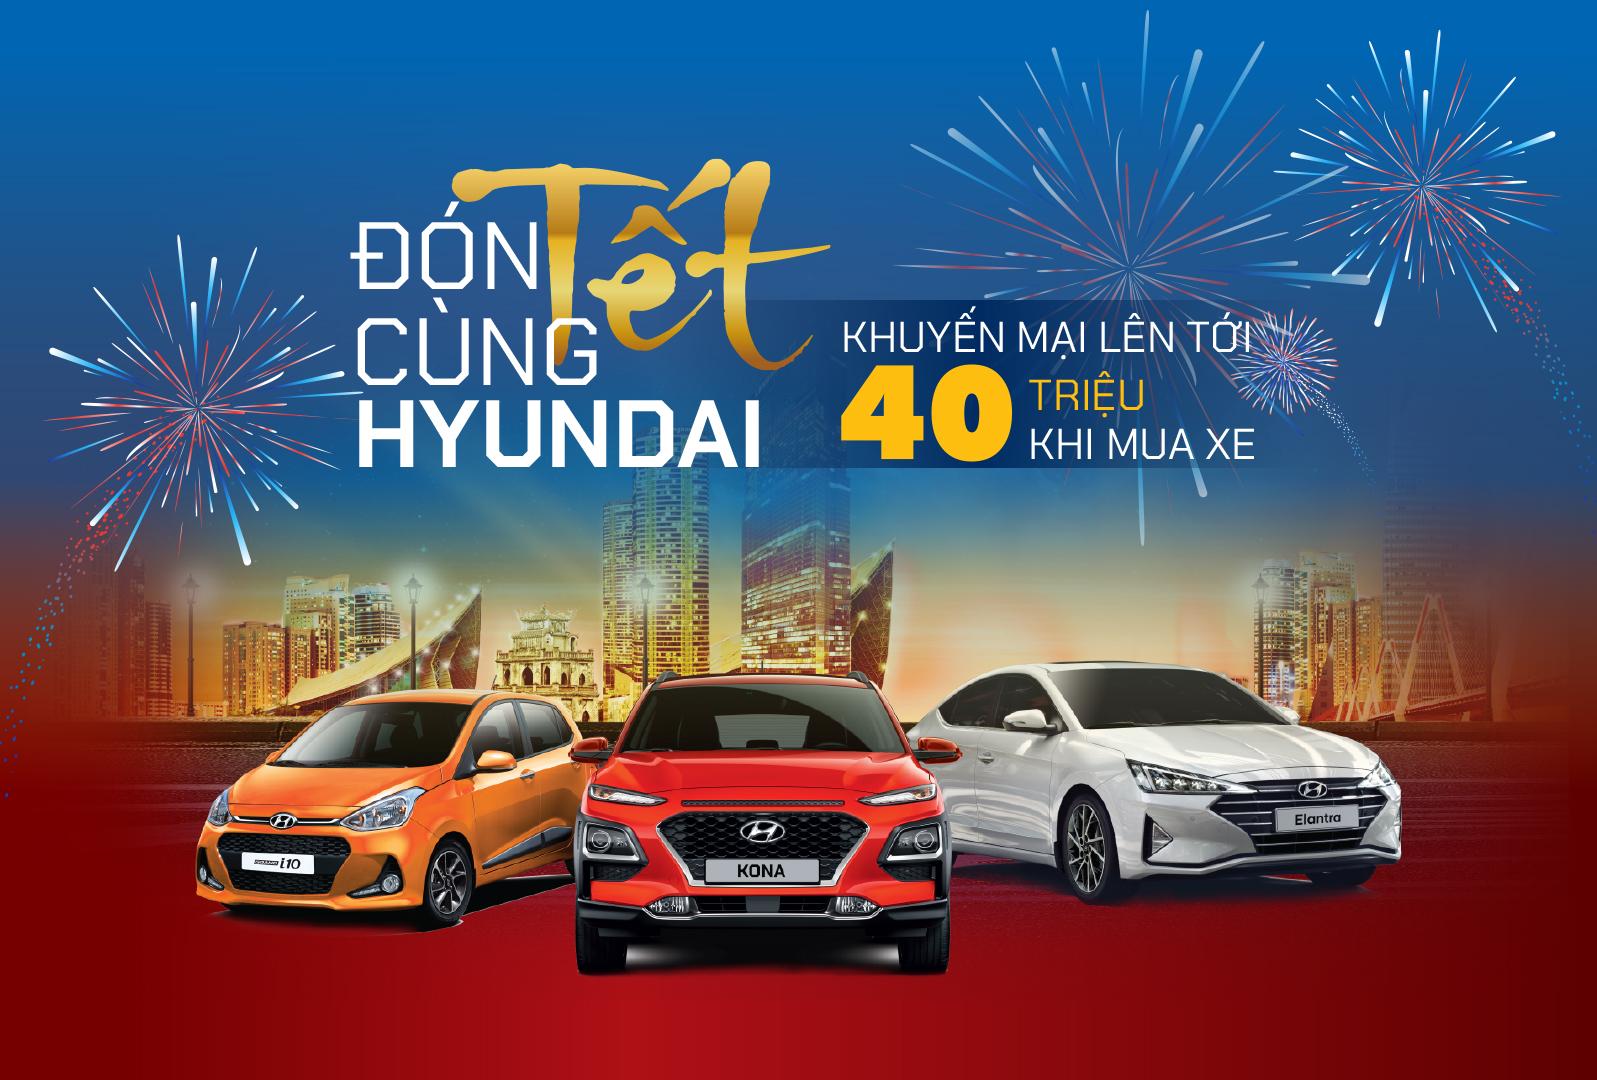 Chuong trình khuyến mãi lên đến 40 triệu đồng giành cho Hyundai Kona, Elantra và Grand i10